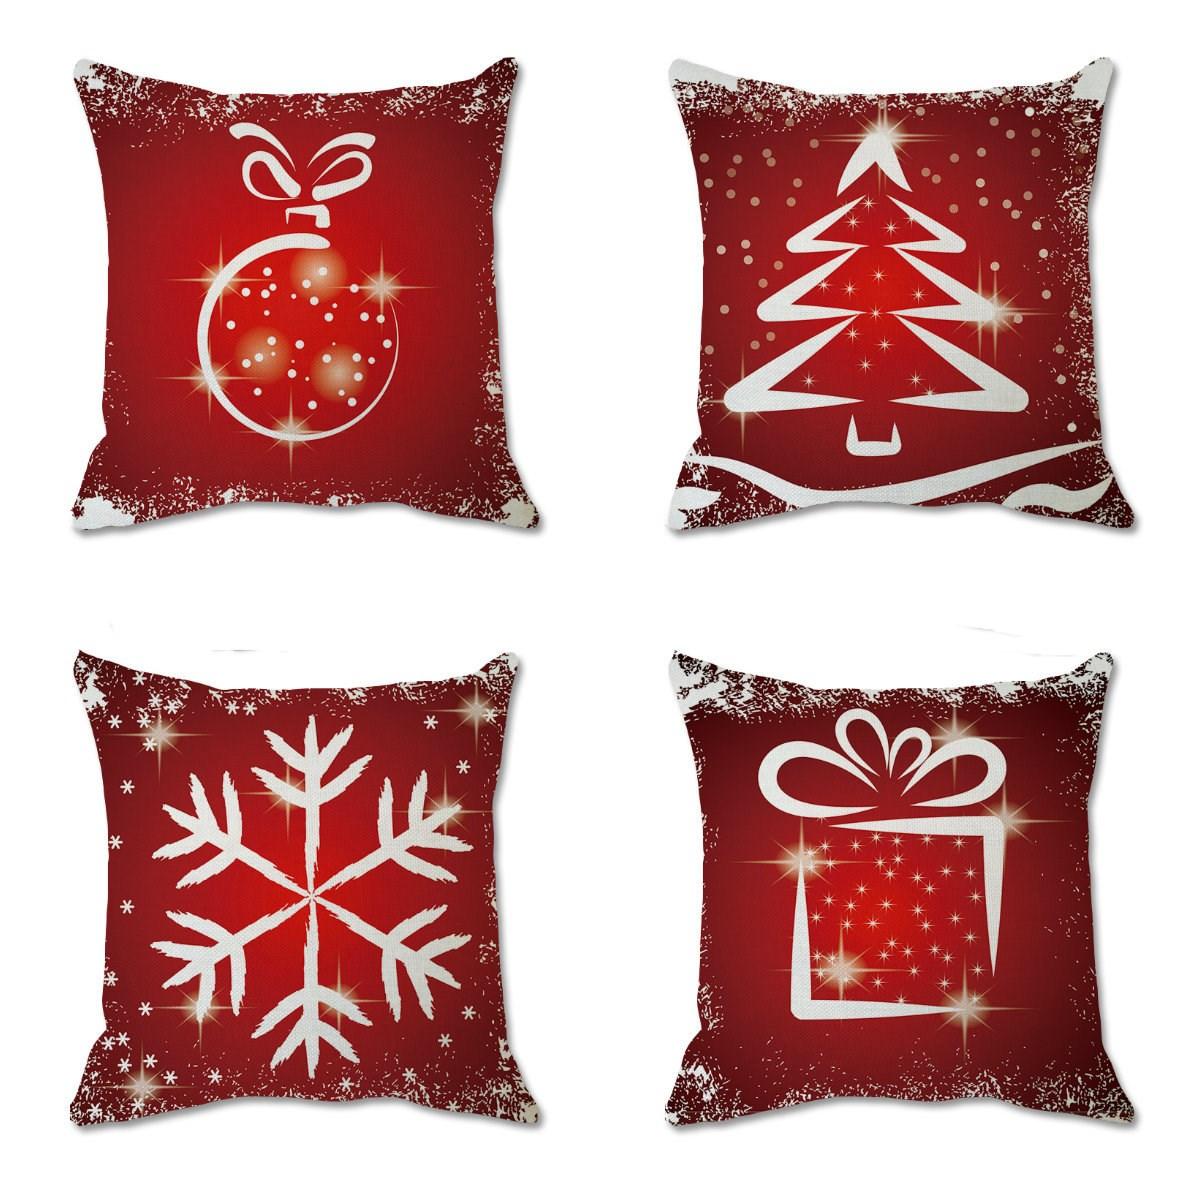 クリスマス風新品/大人気/お買い得/抱き枕カバー/寝具/亜麻製品/部屋用品